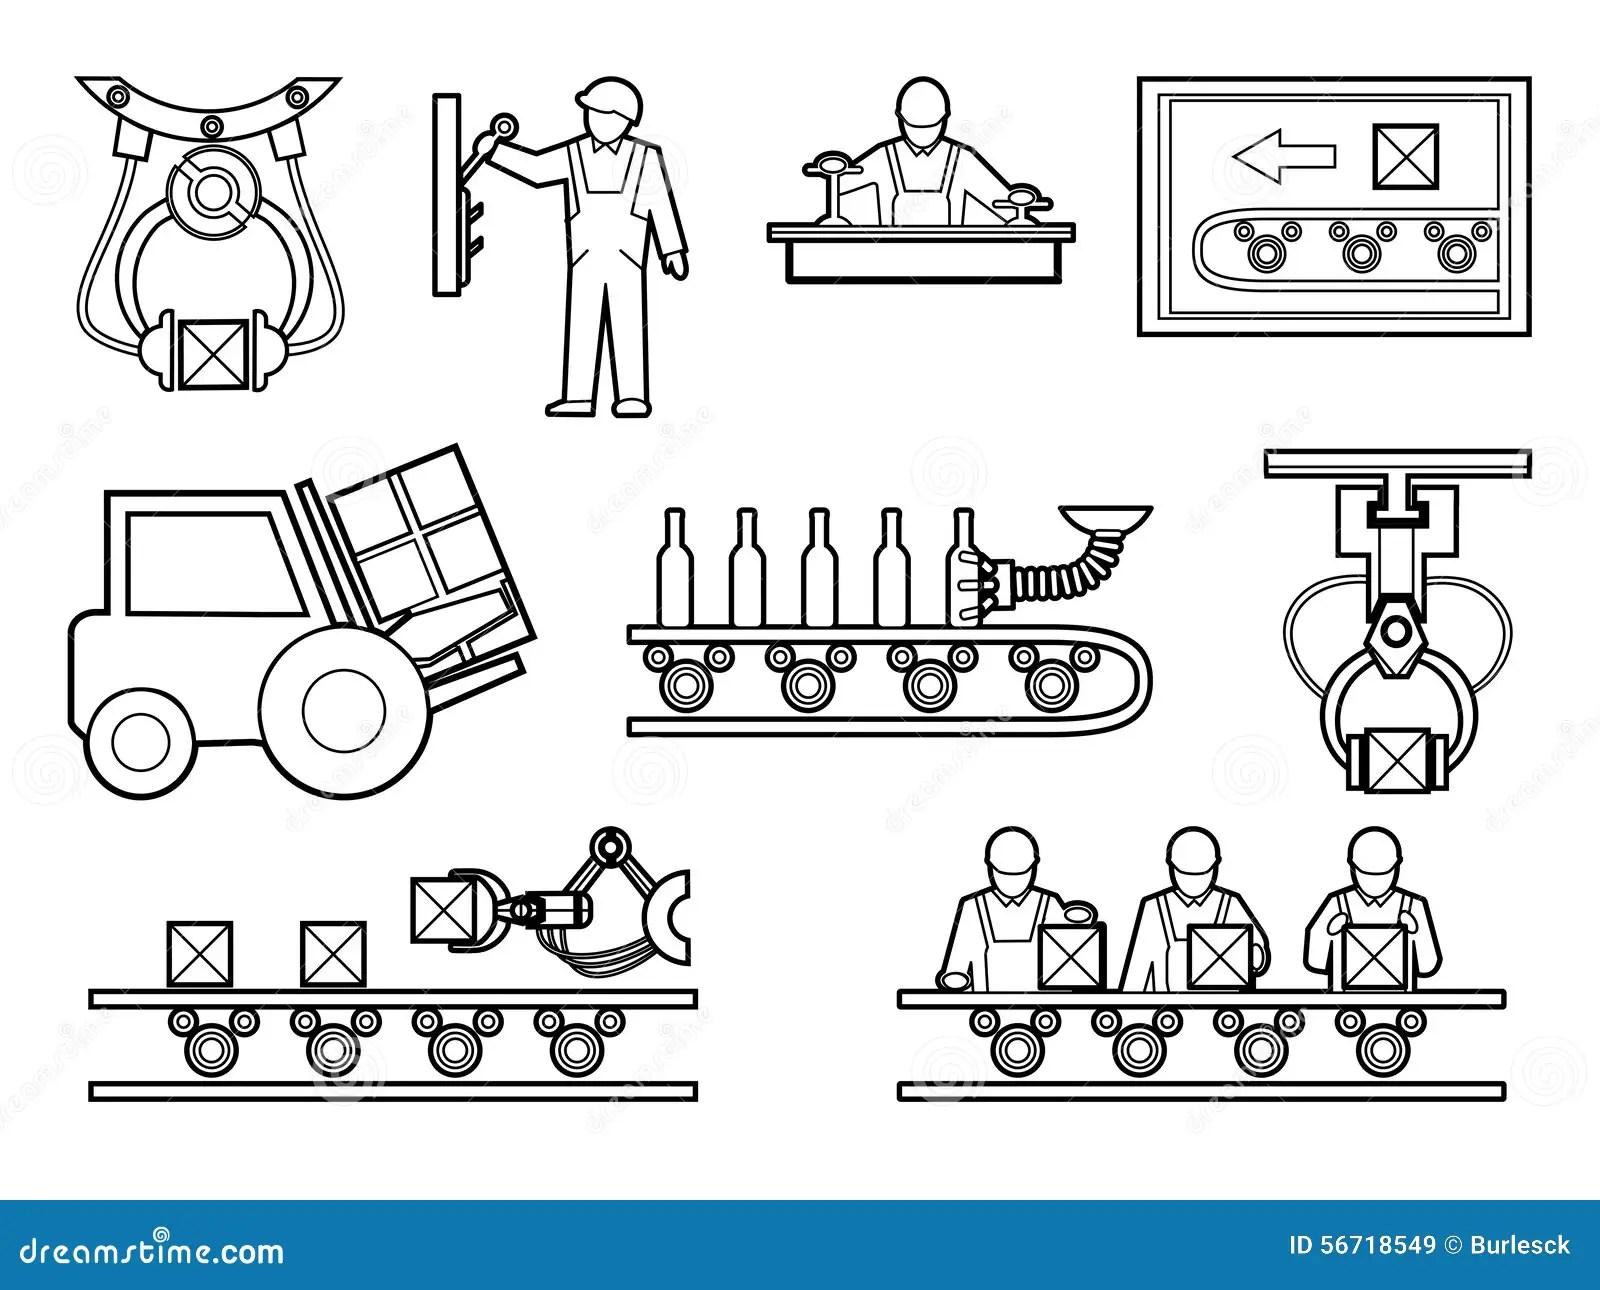 Iconos Del Proceso Industrial Y De Fabricacion Fijados